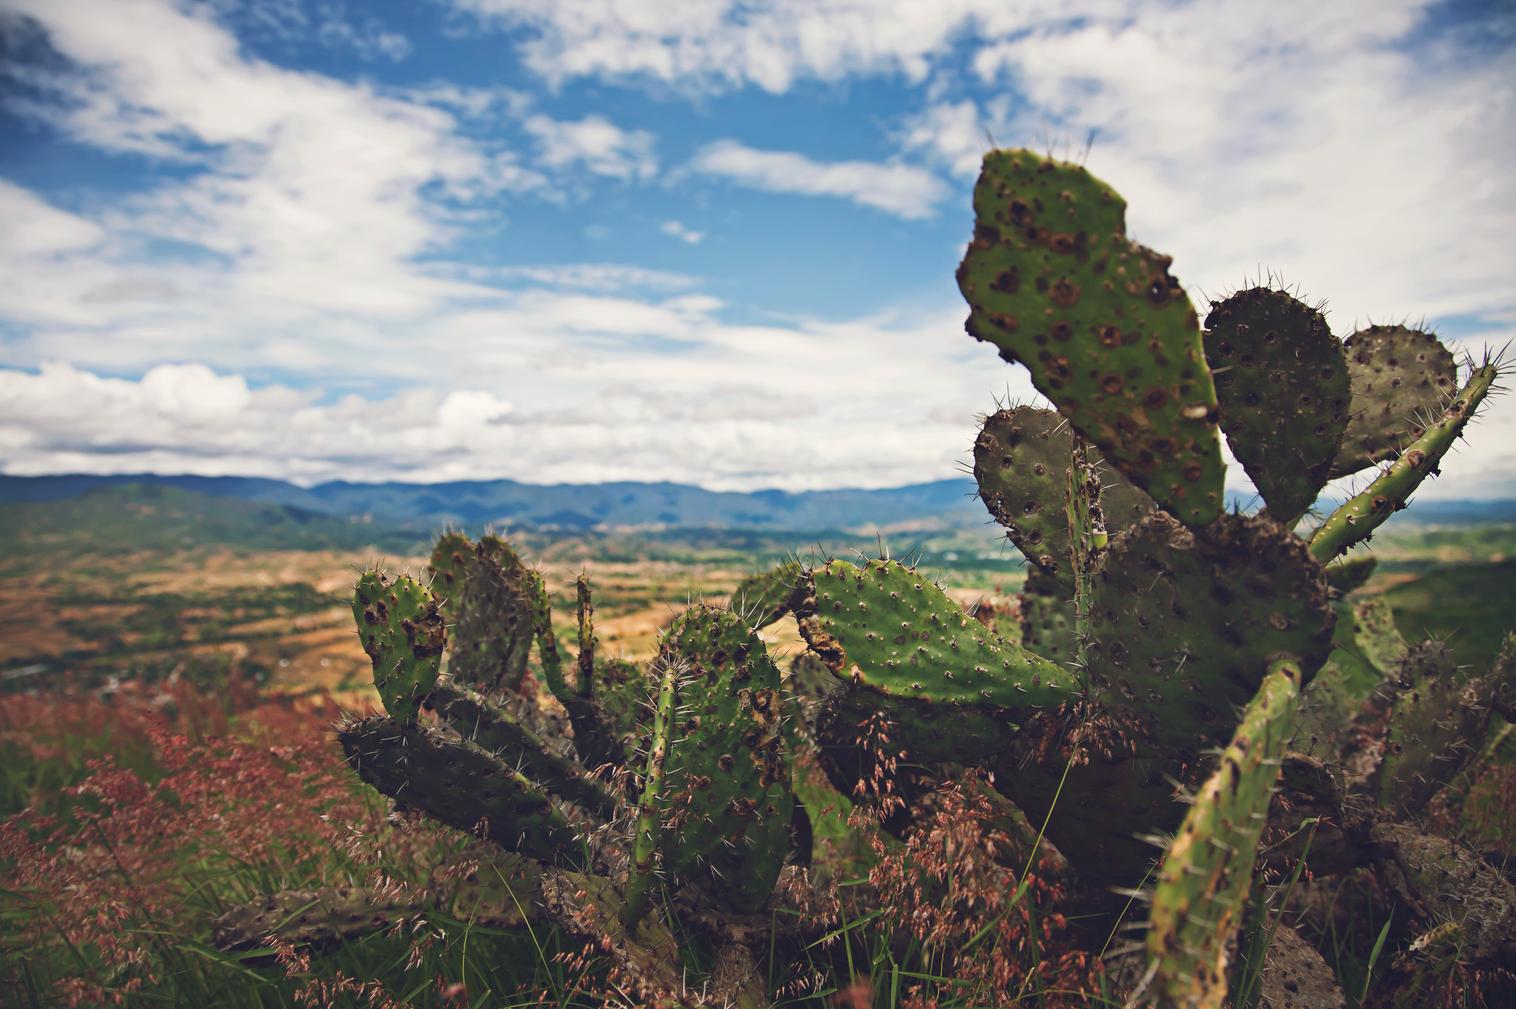 Javier_Montes_dArce_Mexico_33_Efímero.pn